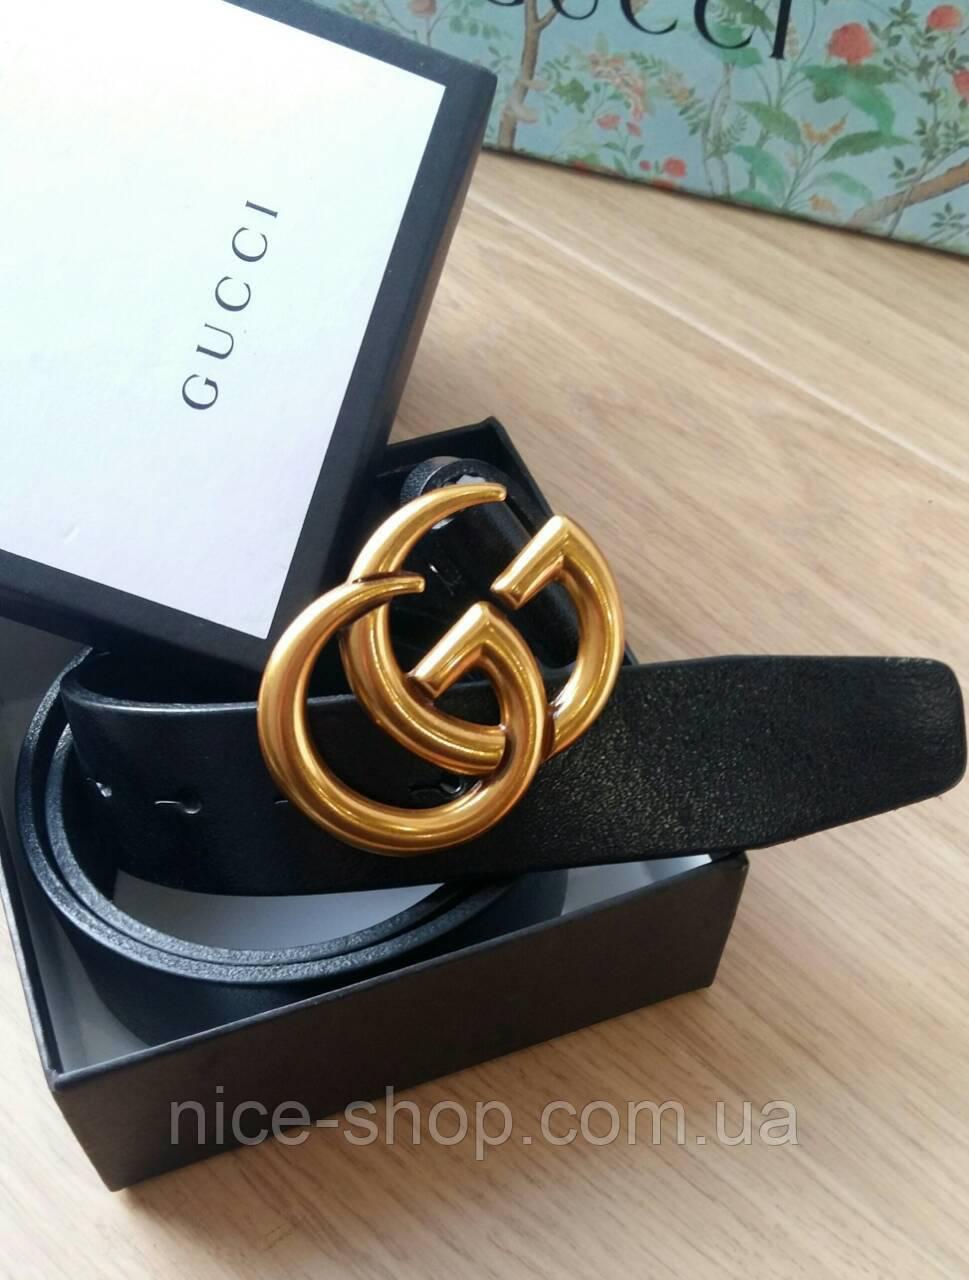 Ремень Gucci кожаный черный 3,7 см  в коробке